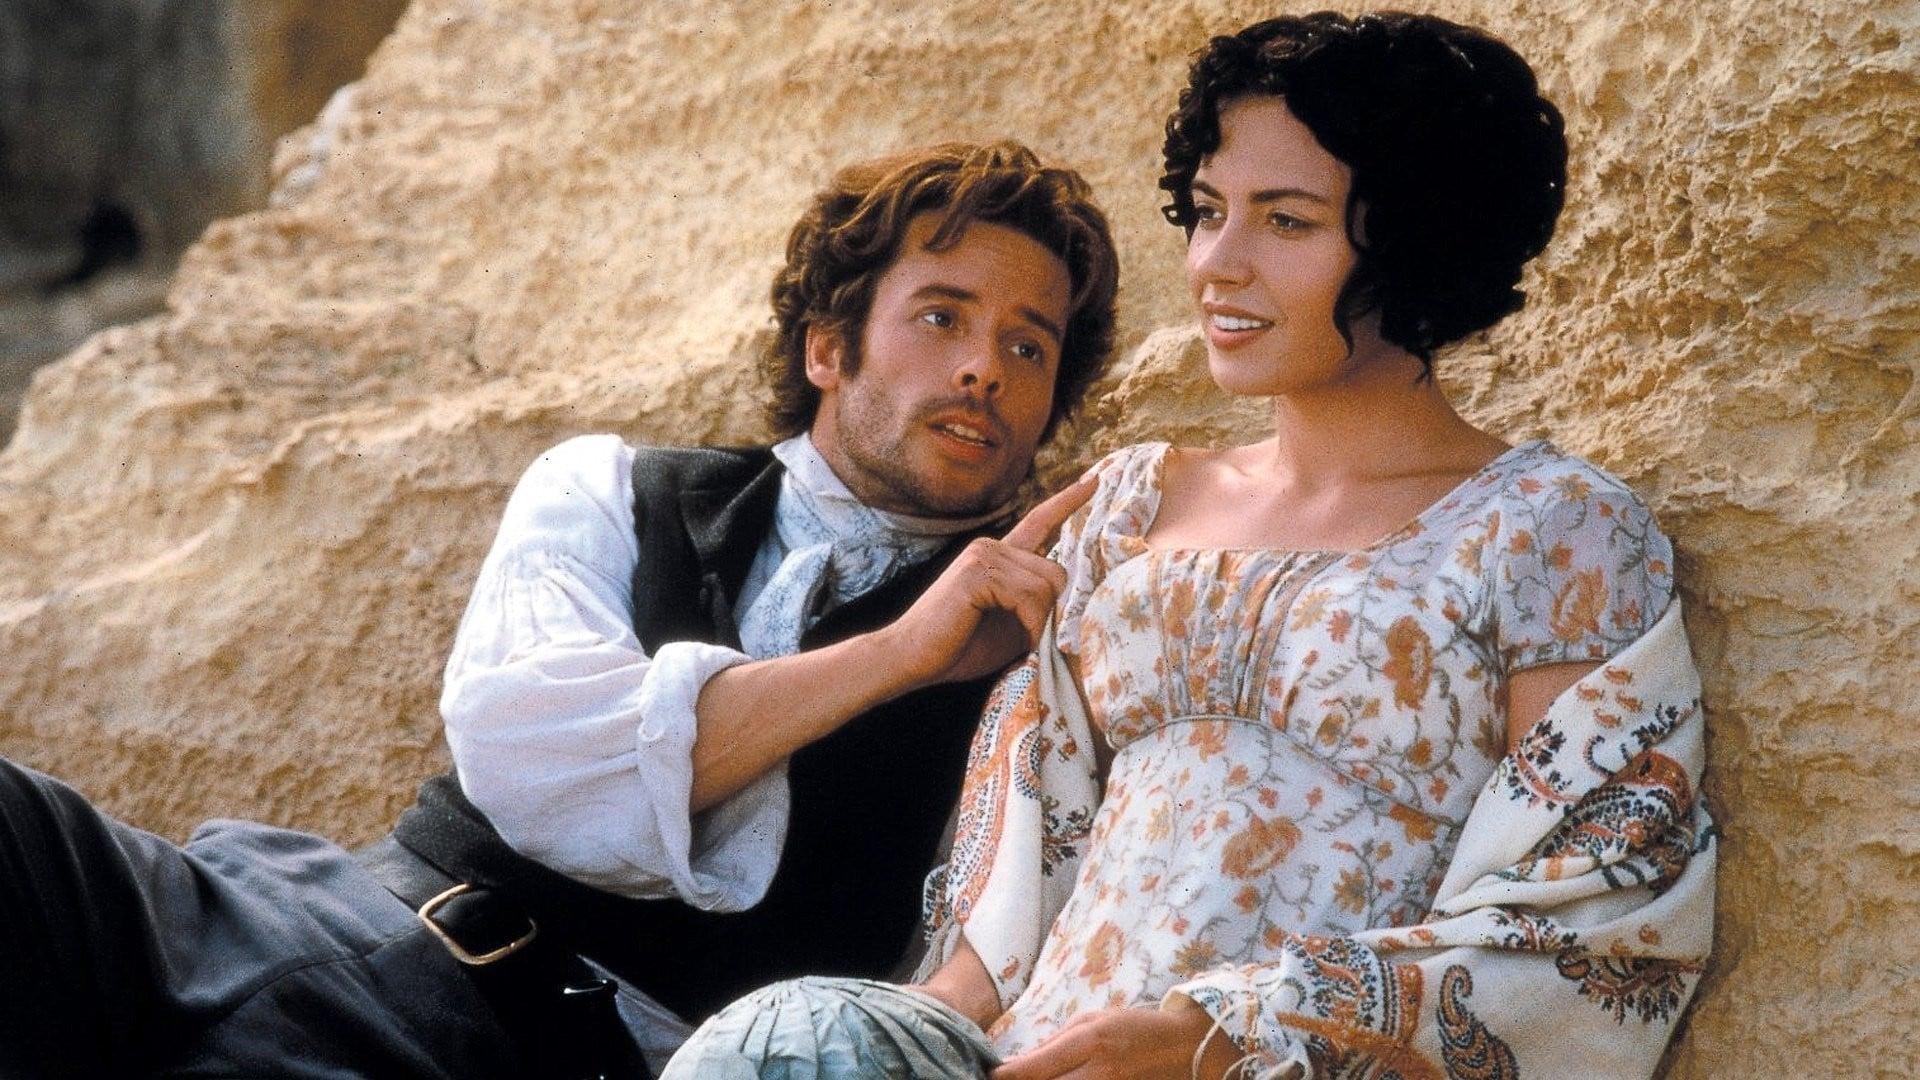 La venganza del conde de Montecristo (2002)